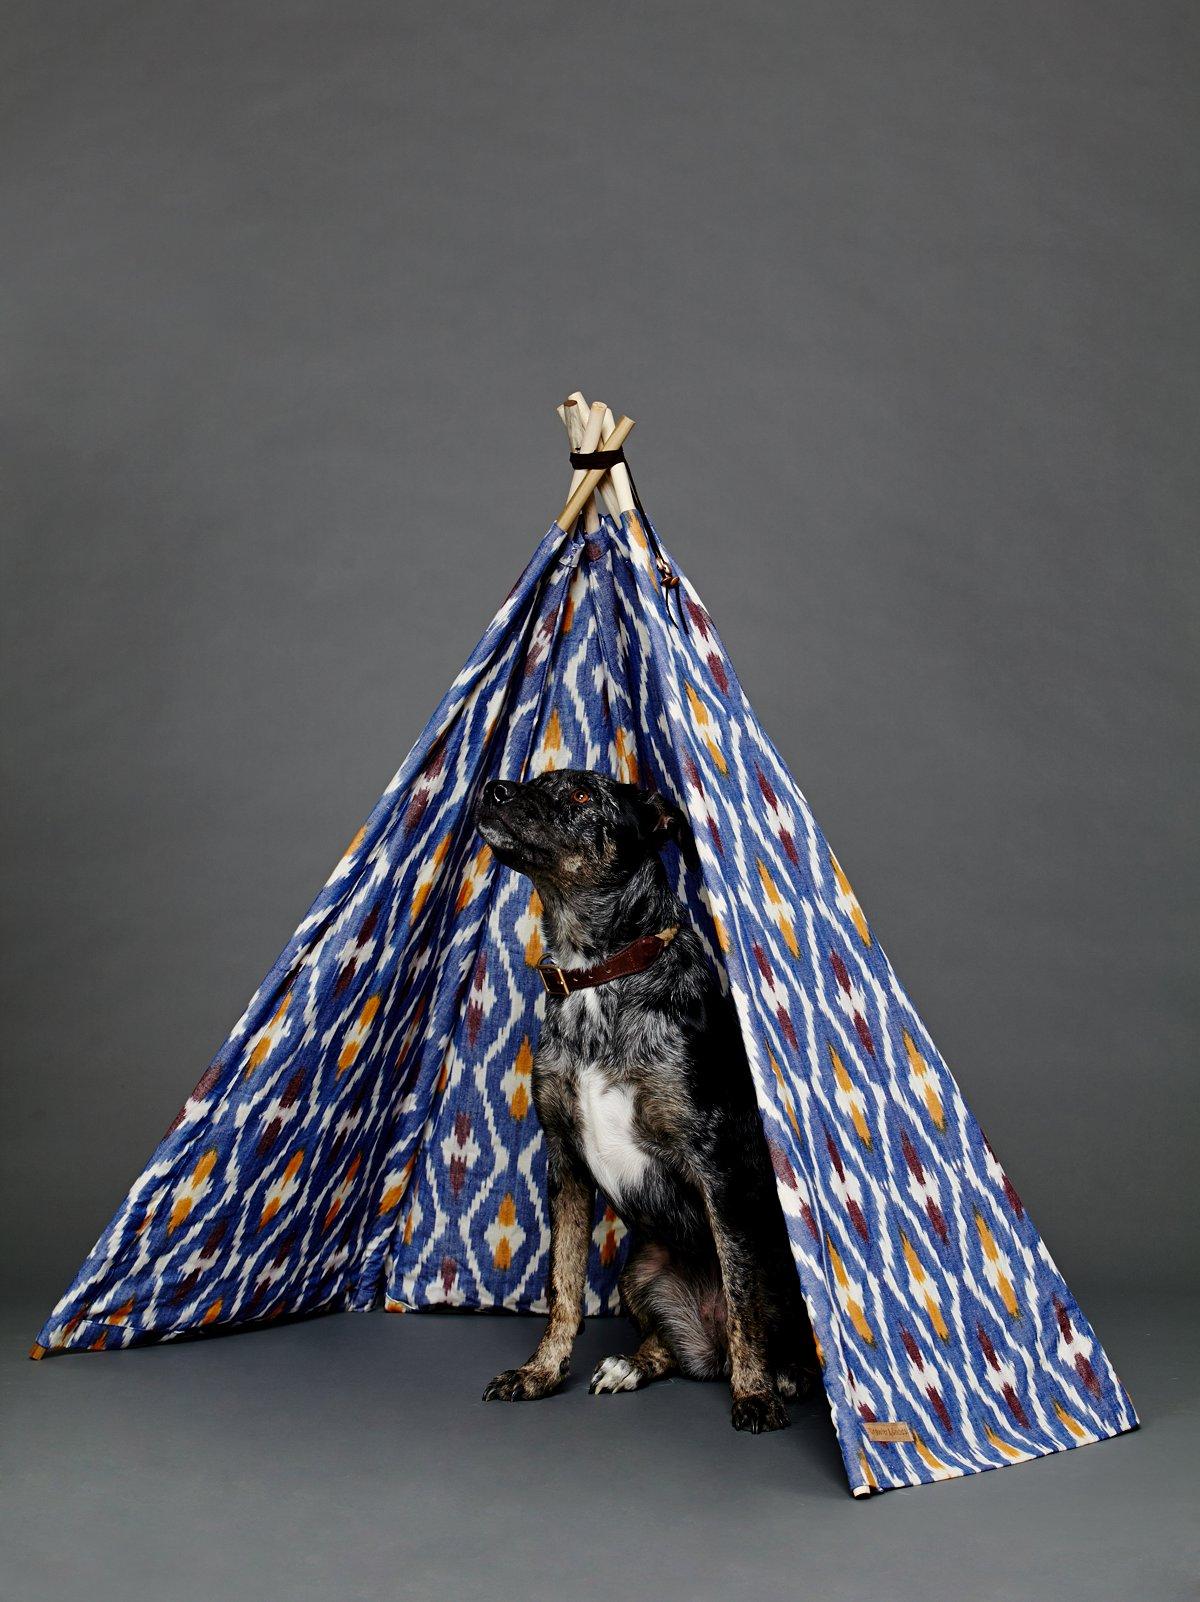 扎染狗用帐篷